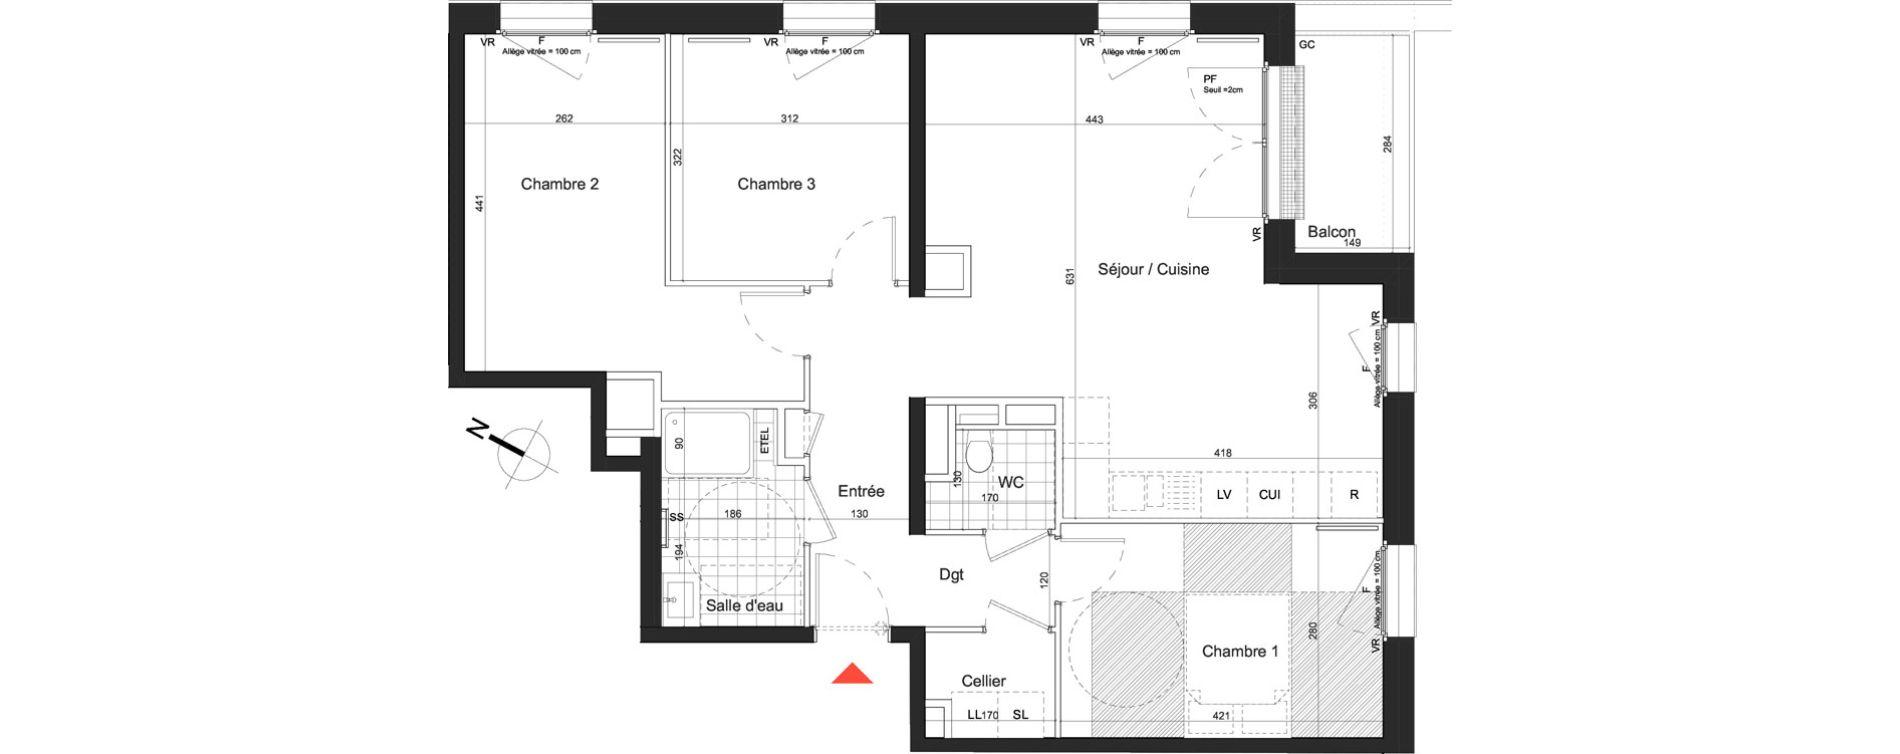 Appartement T4 de 83,88 m2 à Nancy Grand coeur